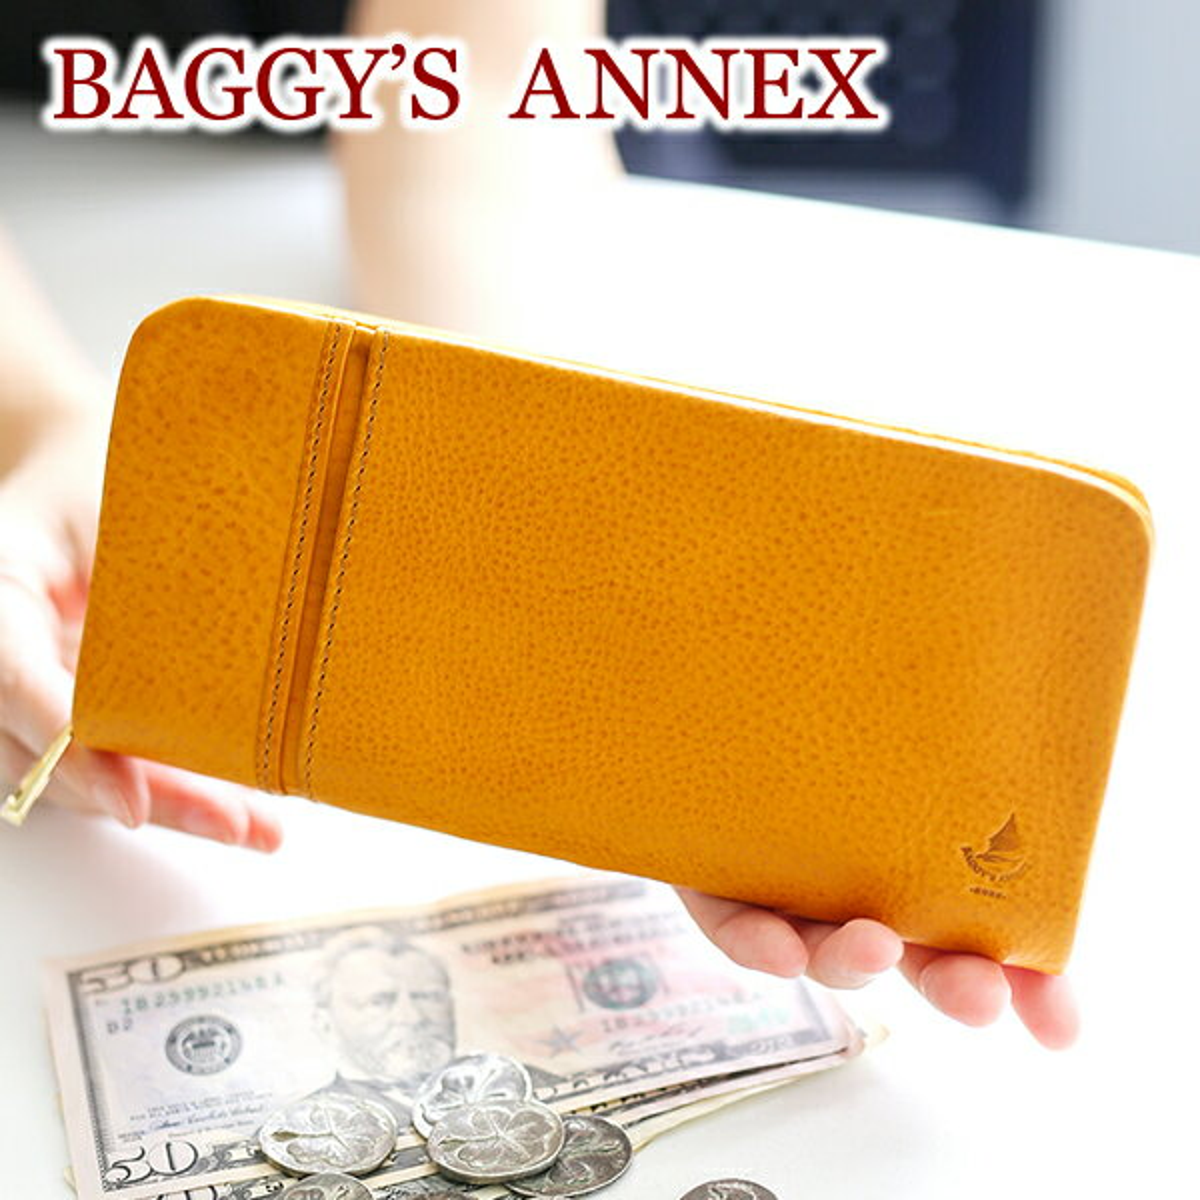 【選べるかわいいノベルティ付】 BAGGY'S ANNEX バギーズアネックス 長財布 ミネルバミネルバボックス ラウンドファスナー小銭入れ付き長財布 LZYS-8000レディース 財布 BAGGY PORT バギーポート ギフト プレゼント